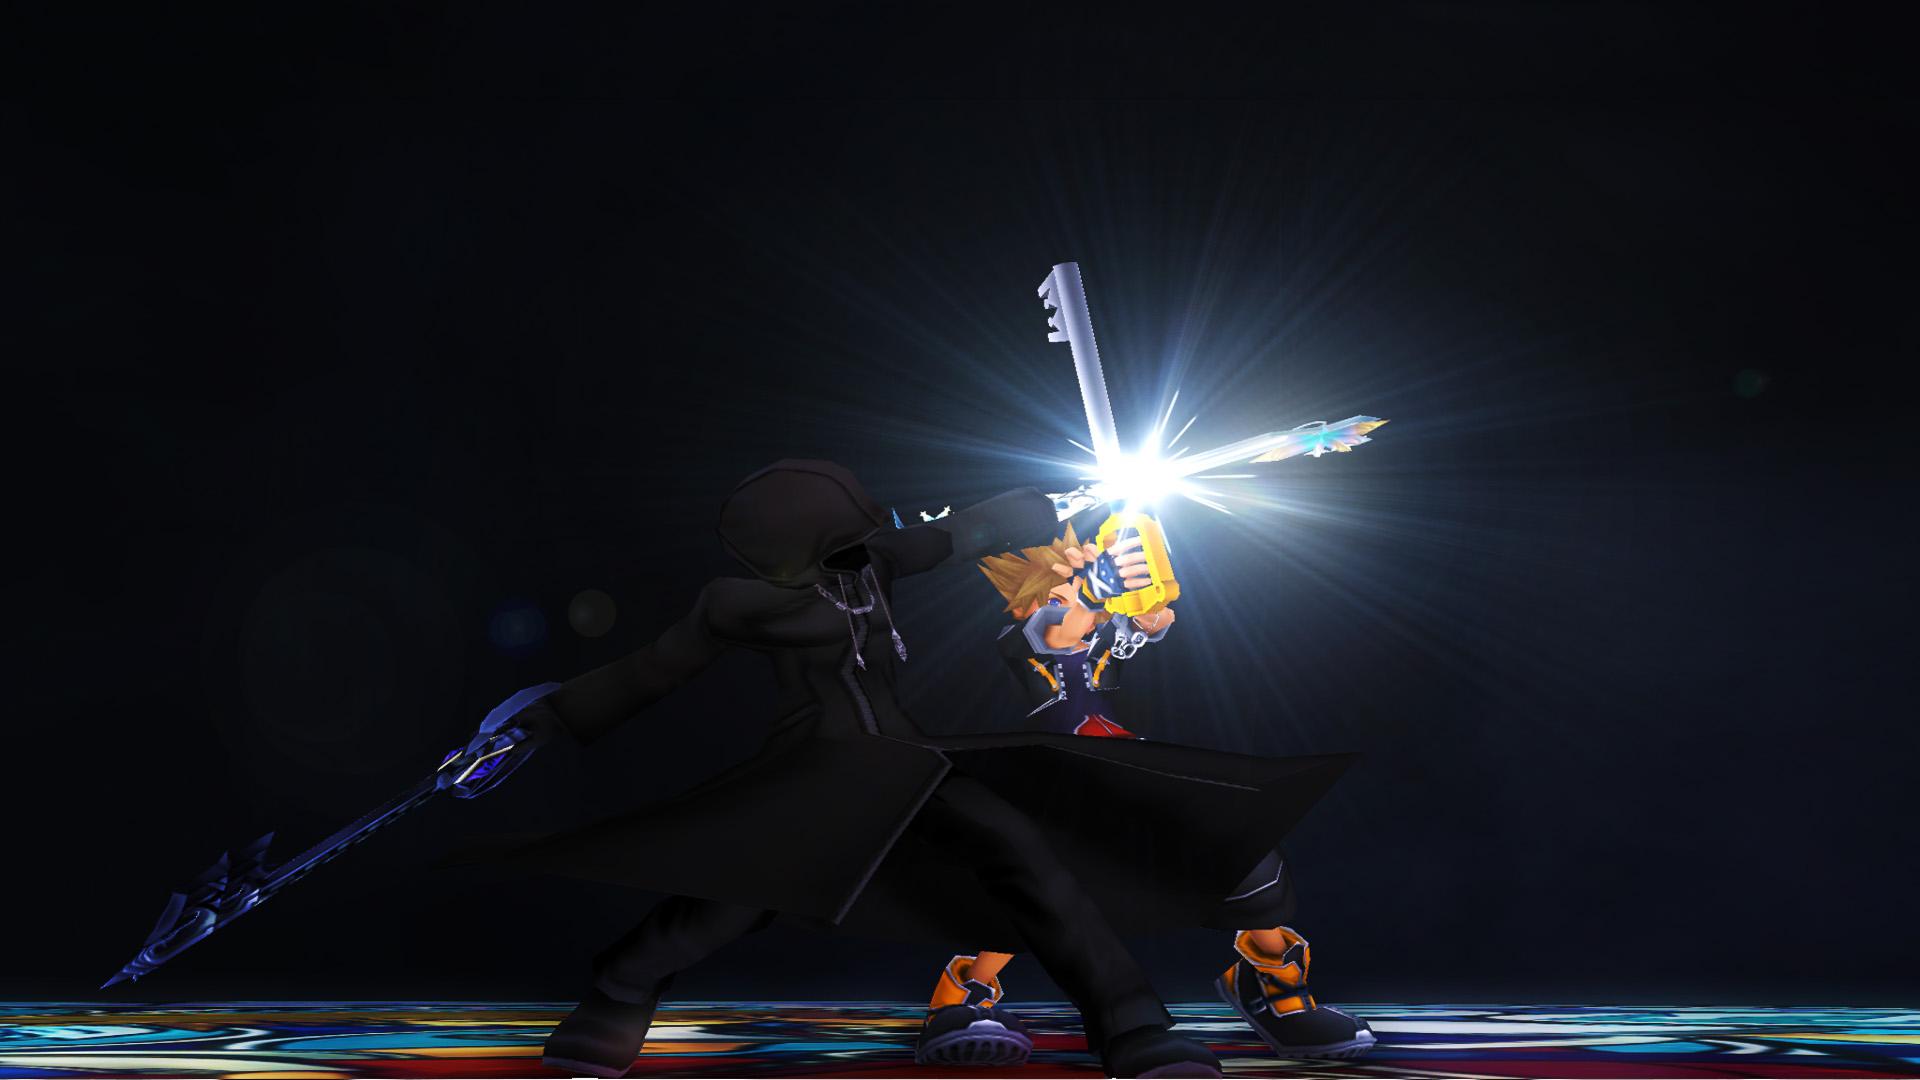 Kingdom Hearts Fan Club Wallpaper Abyss Video Game Kingdom Hearts 1920x1080